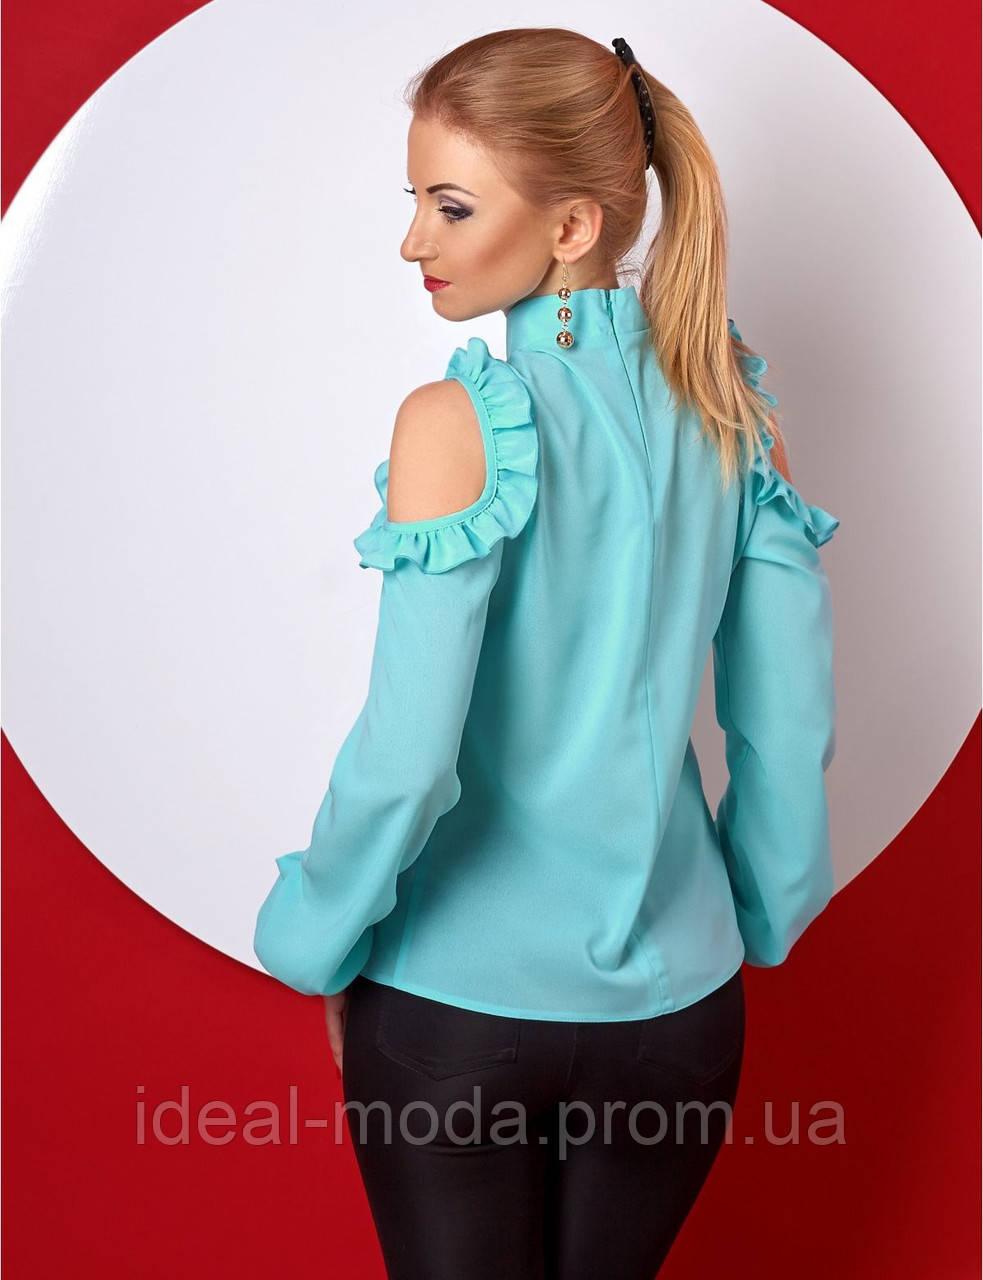 Блузки оптом купить нарядные